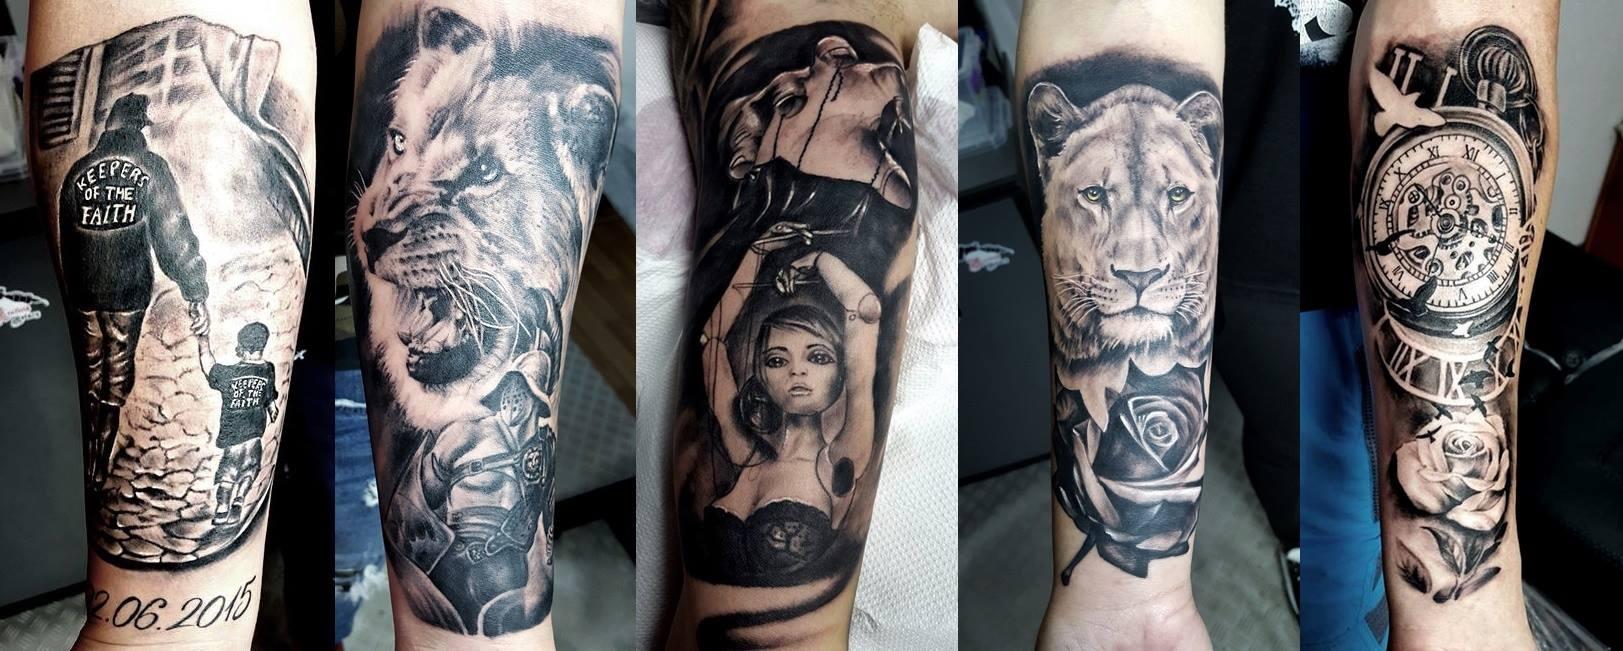 salon tatuaje mioveni arges